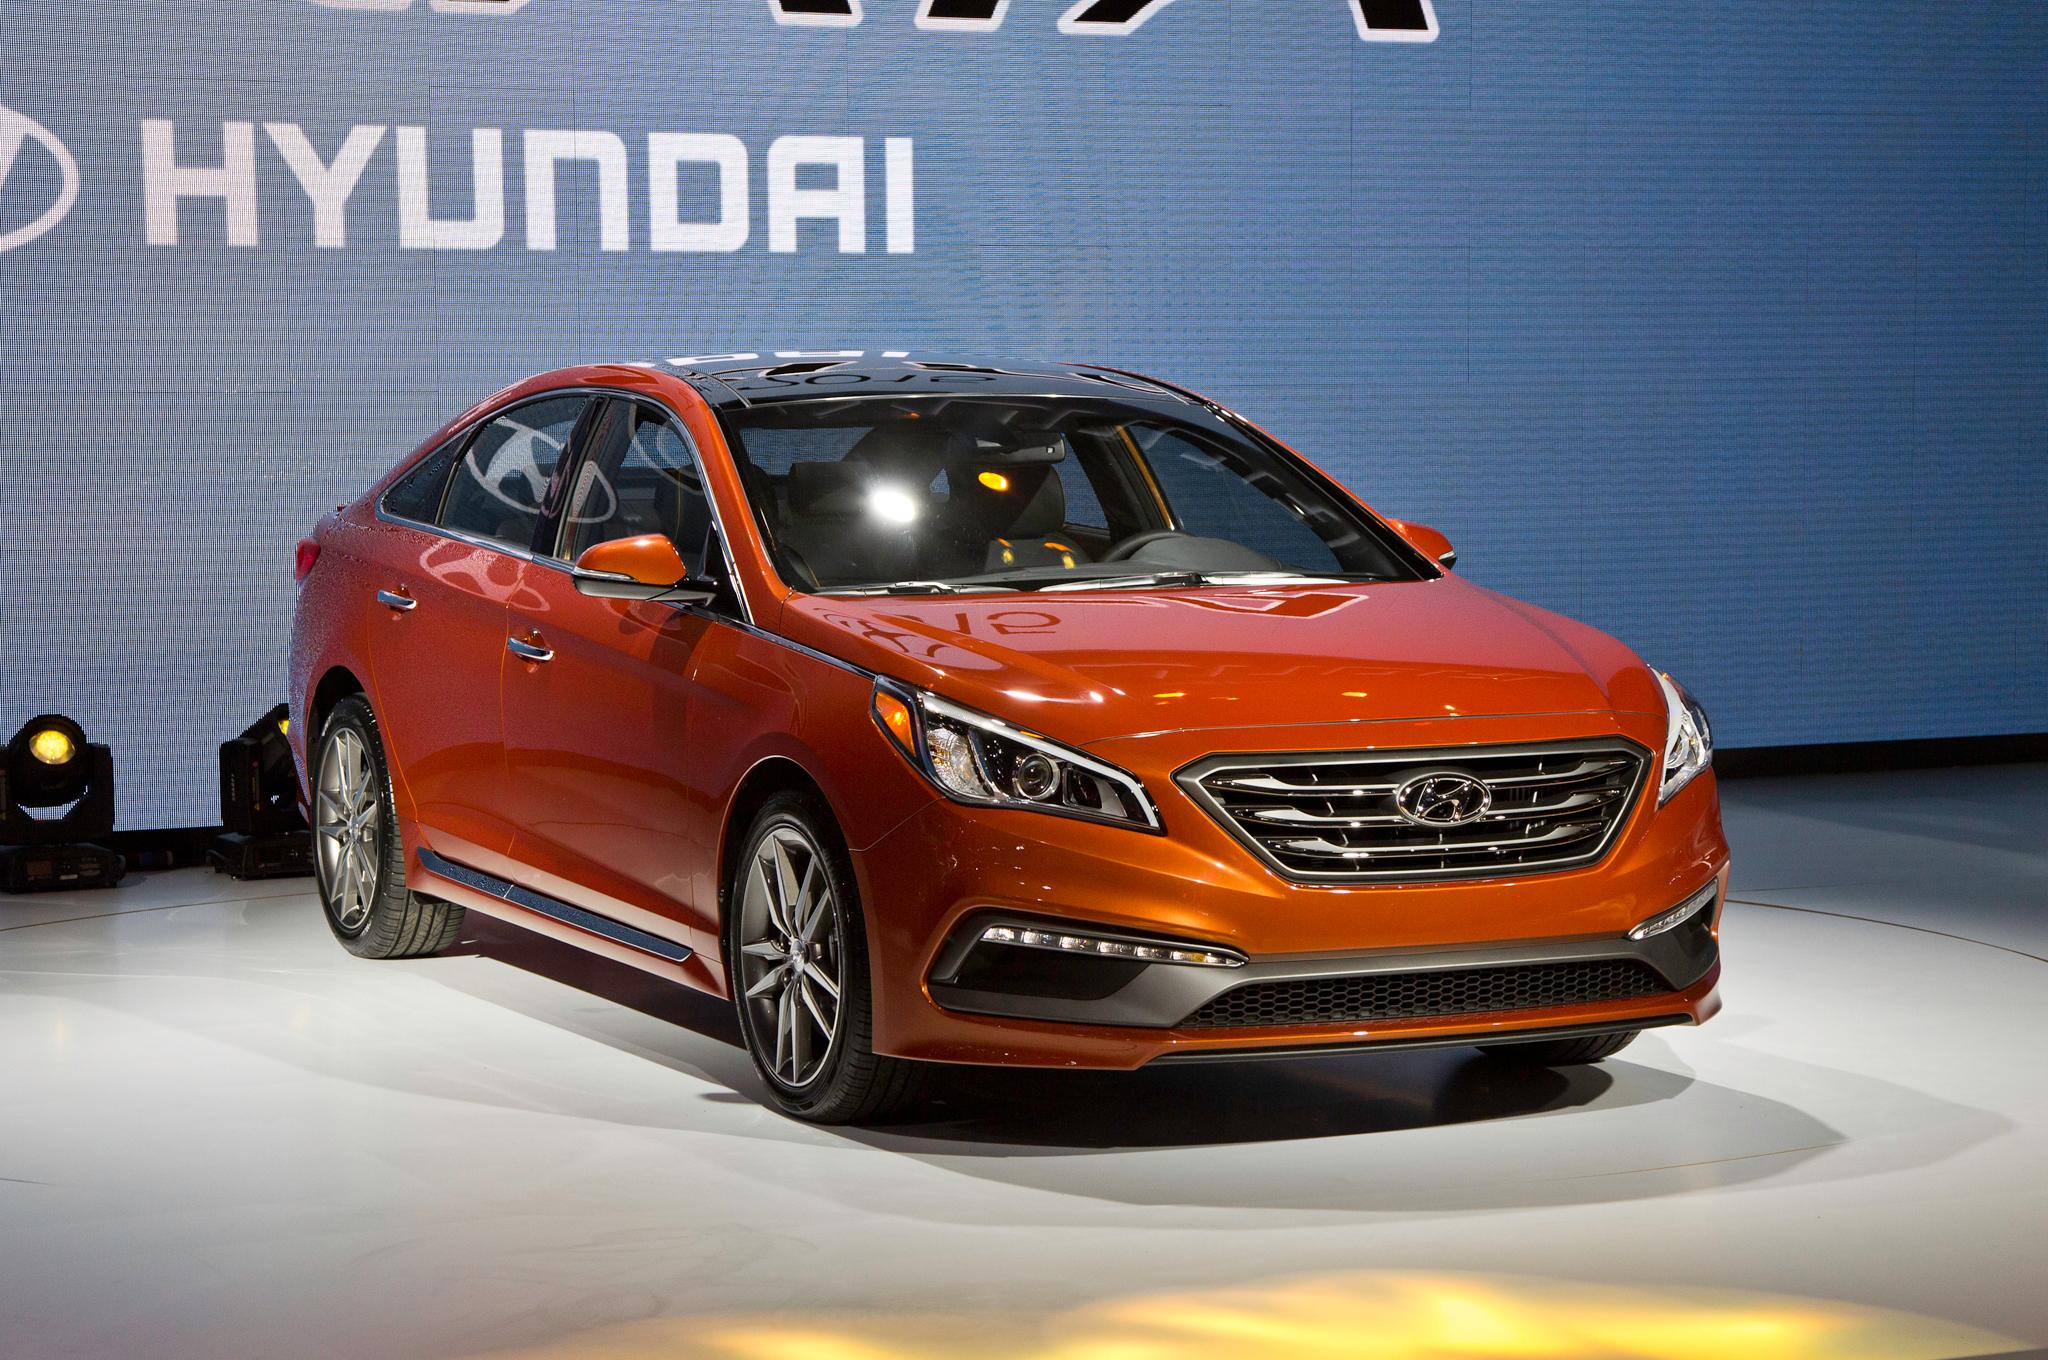 2015 Hyundai Sonata Preview